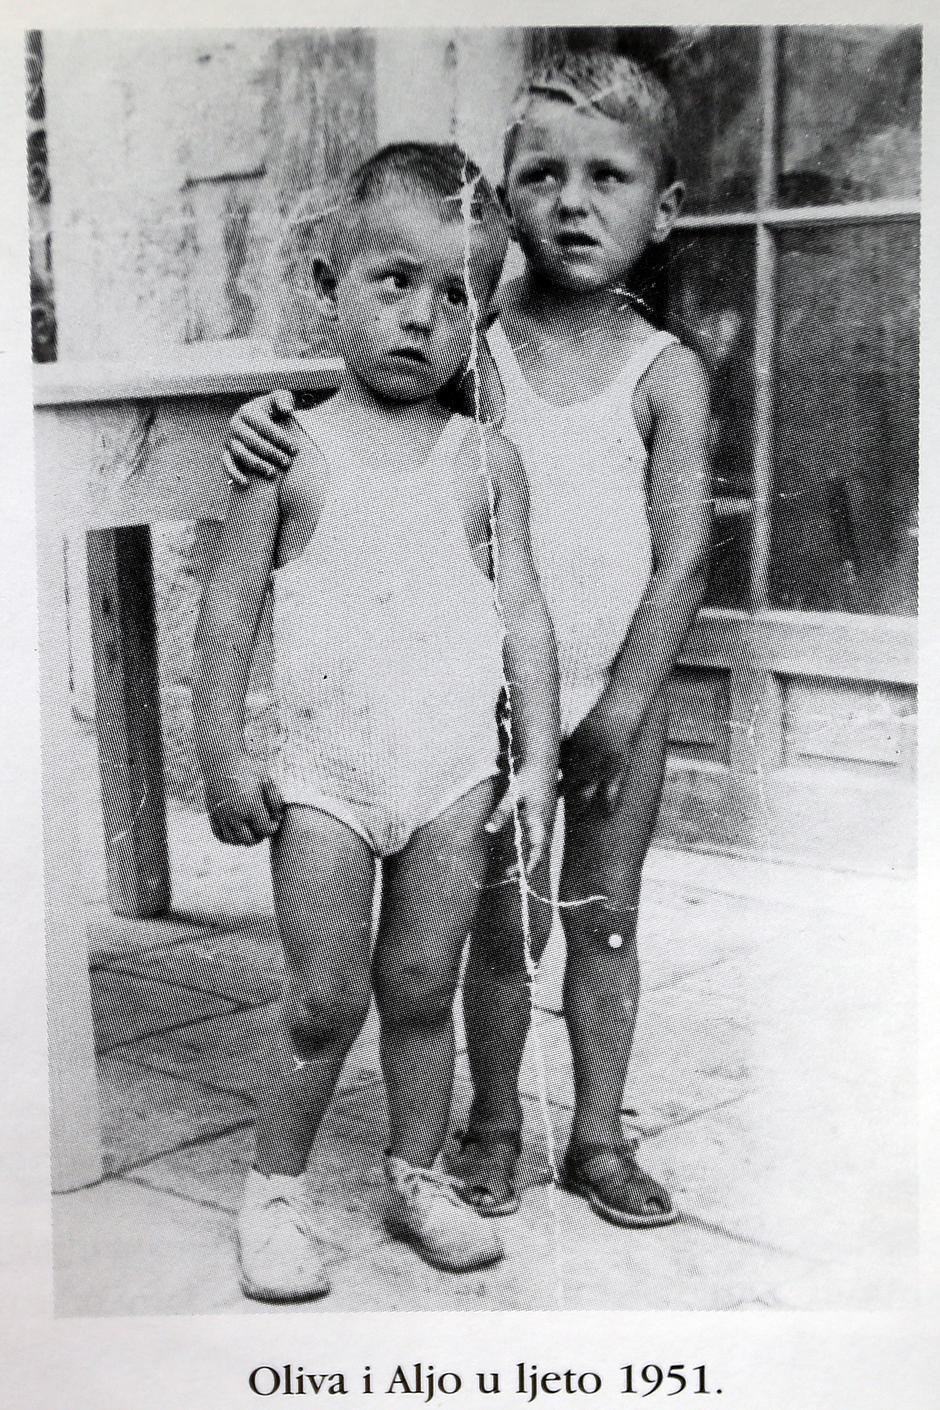 Oliver i stariji brat Aljoša 1951. godine   Author: Iz biografije 'Južnjačka utjeha' Zlatka Galla